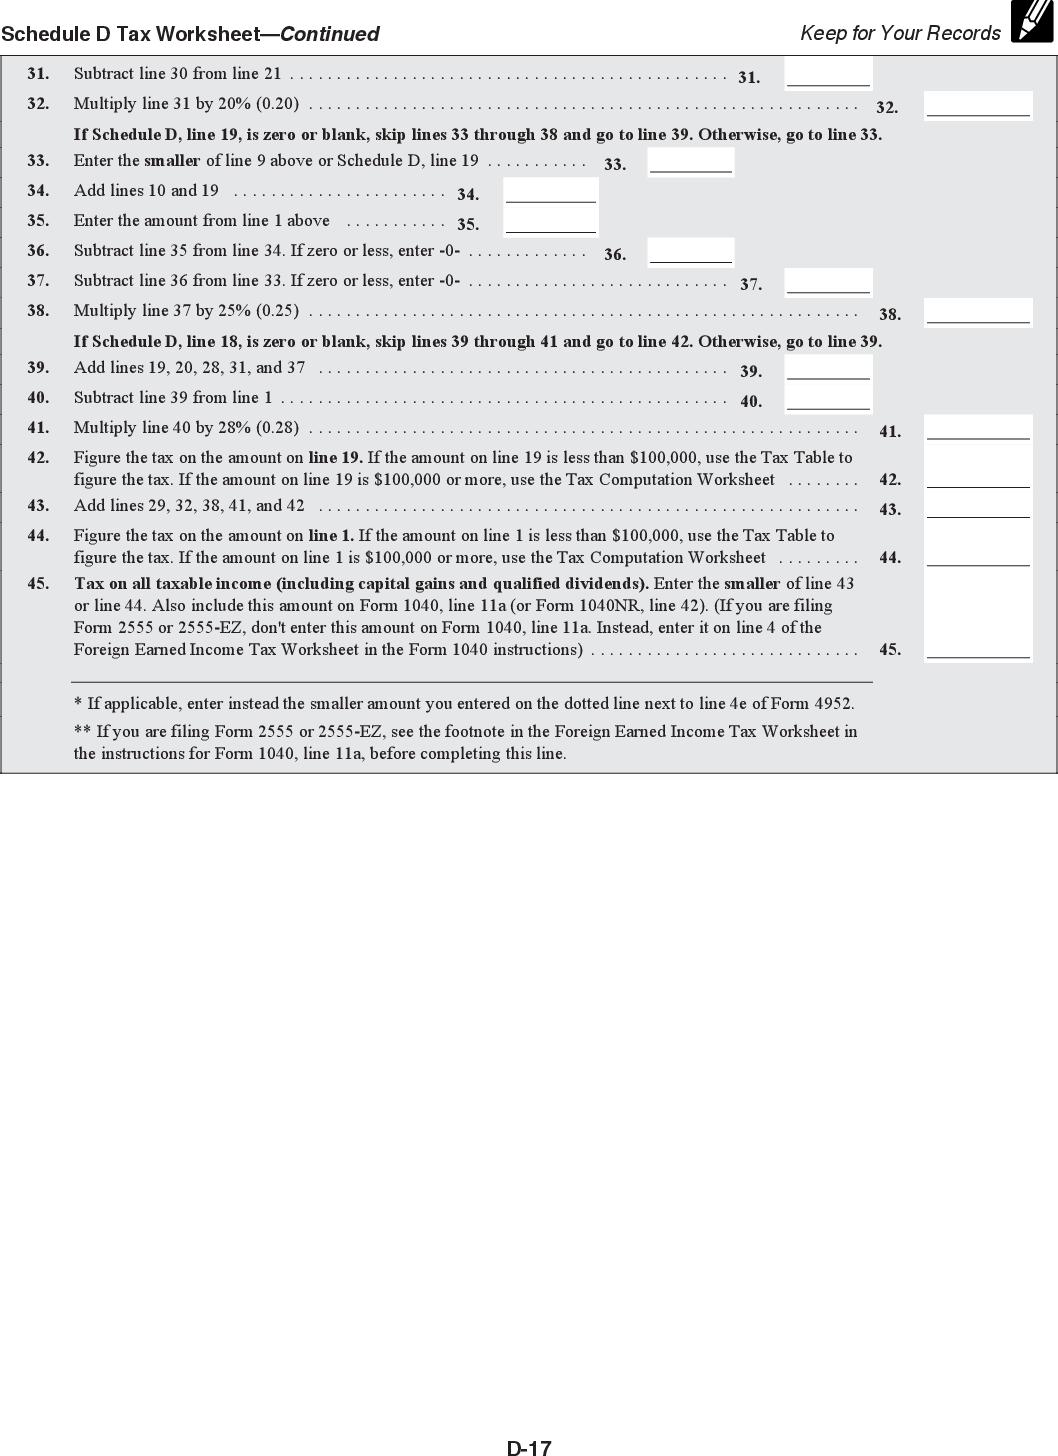 us form 1040 schedule d instructions